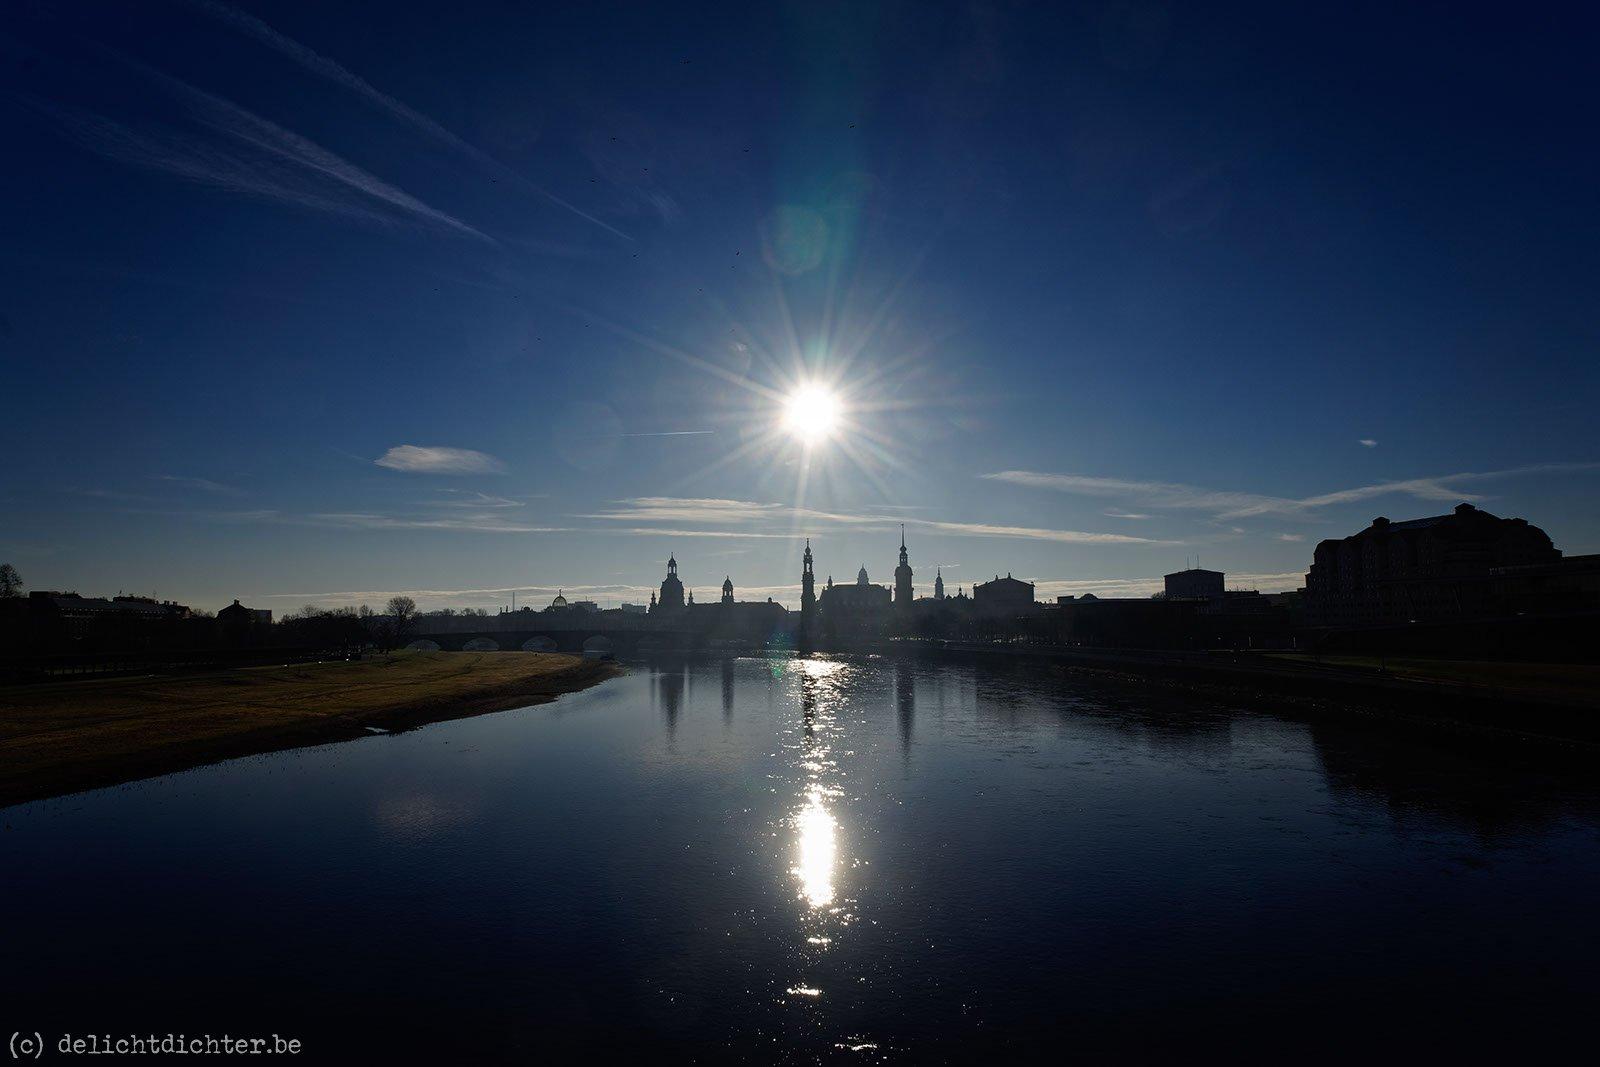 2015_12_Dresden_20151224_110759_DxO_v10_1